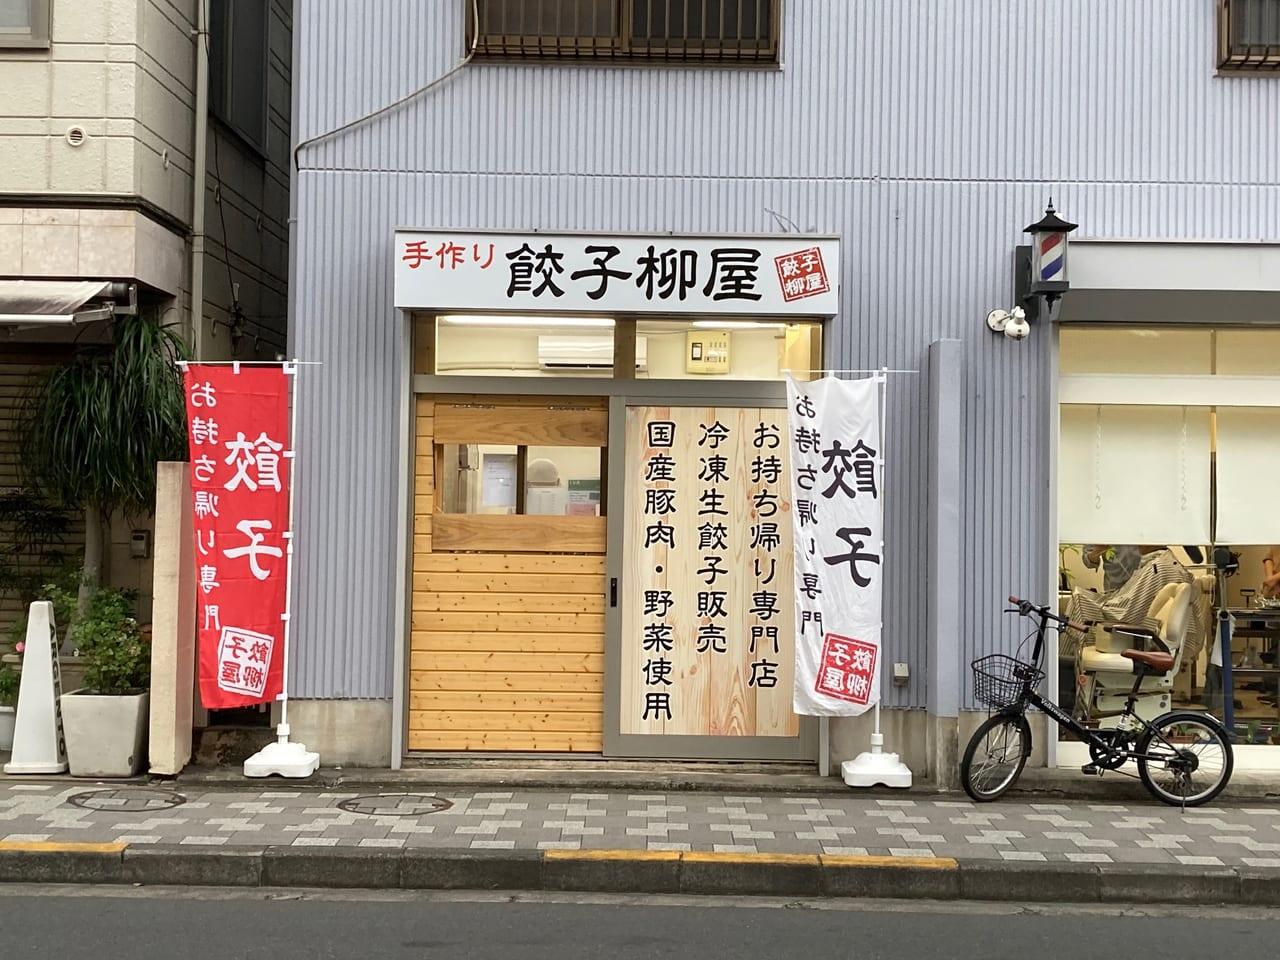 】手作り餃子、お持ち帰り専門店『餃子柳屋』が国立にできていました。国産豚肉・野菜を使用した餃子です。